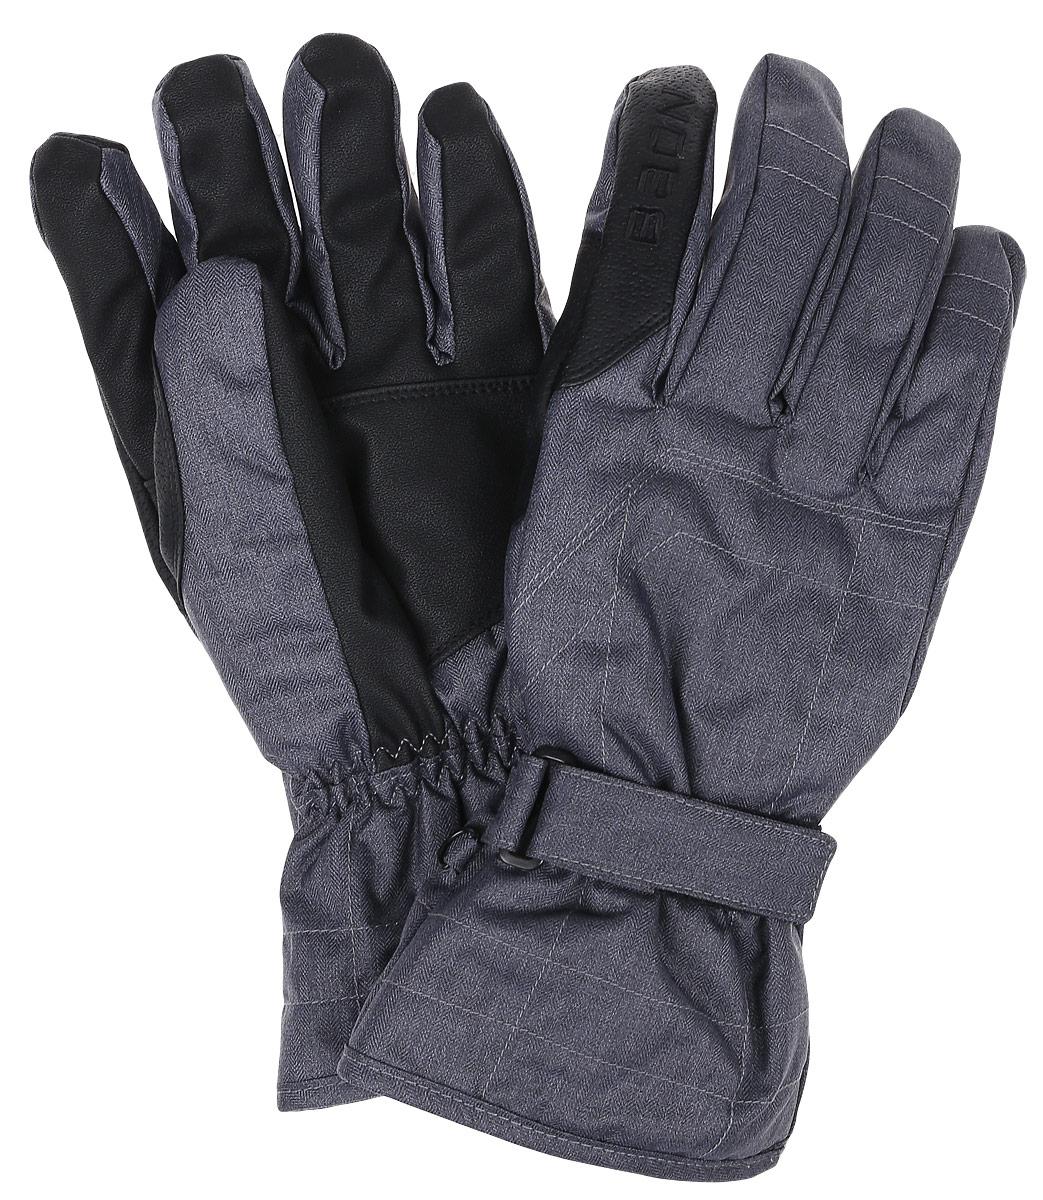 Перчатки мужские Baon, цвет: серый. B866506. Размер L (50)B866506_MARENGO MELANGEГорнолыжные перчатки Baon разработаны специально для поклонников зимних видов спорта. Модель легко снимается и в то же время надежно фиксируется на руке благодаря эластичной вставке на манжете и клапану на липучке, регулирующему объем. Подкладка изделия выполнена из мягкого полиэстера. Ладонная часть выполнена из прочного материала, препятствующего скольжению. Для удобного хранения перчатки оснащены пластиковой застежкой, соединяющей их вместе.